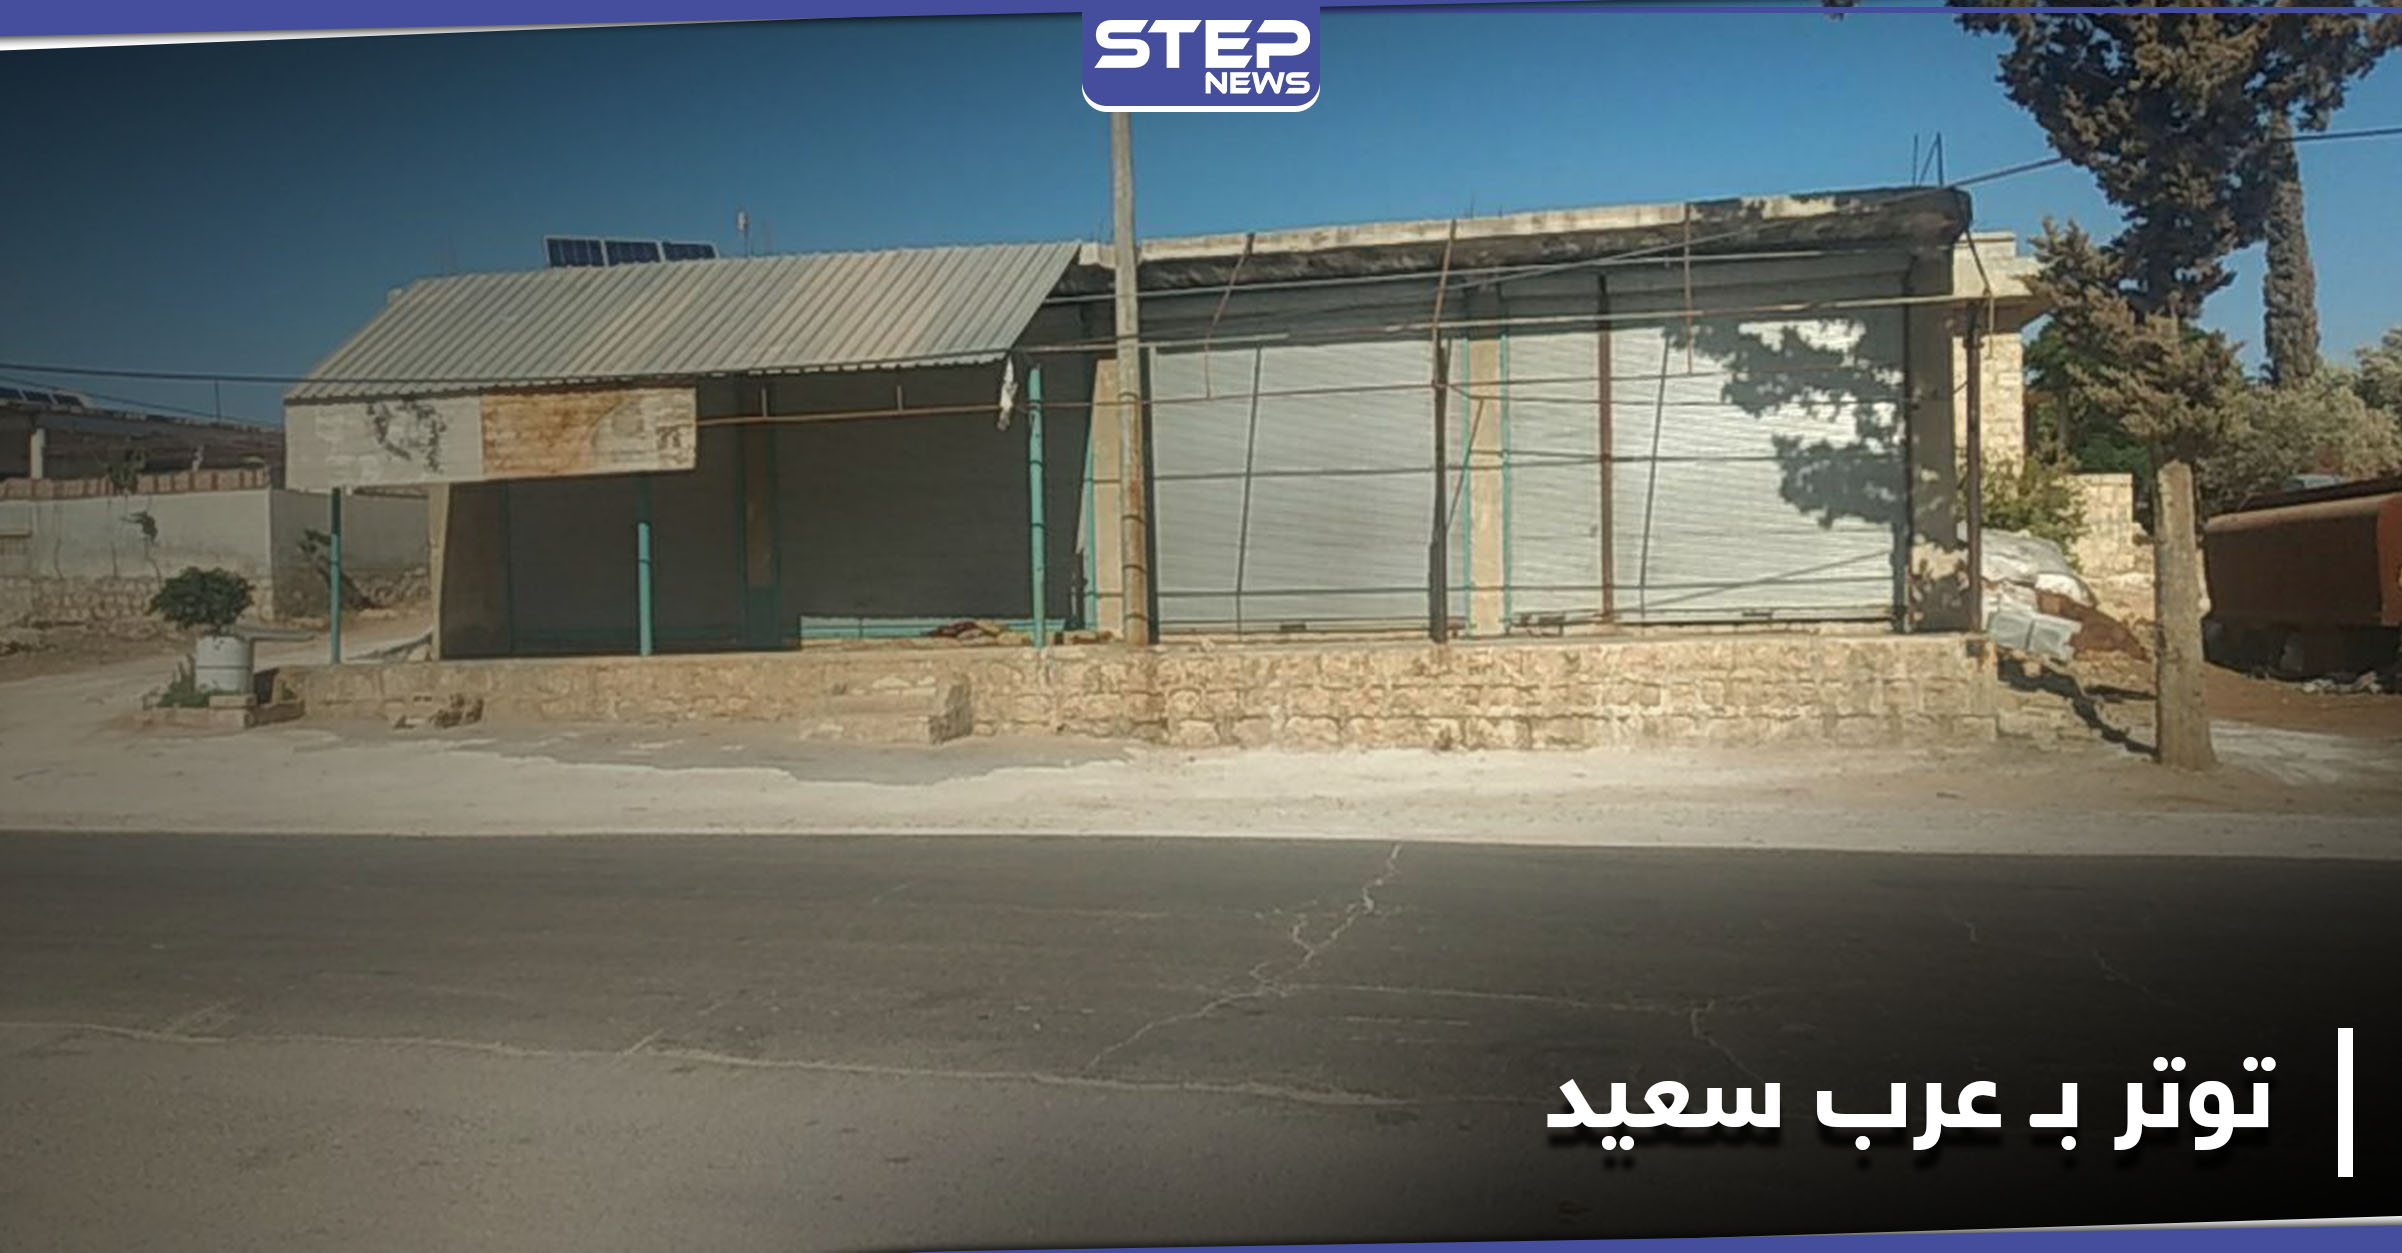 أمنية تحرير الشام تعتقل رئيس المجلس المحلي لـ بلدة عرب سعيد